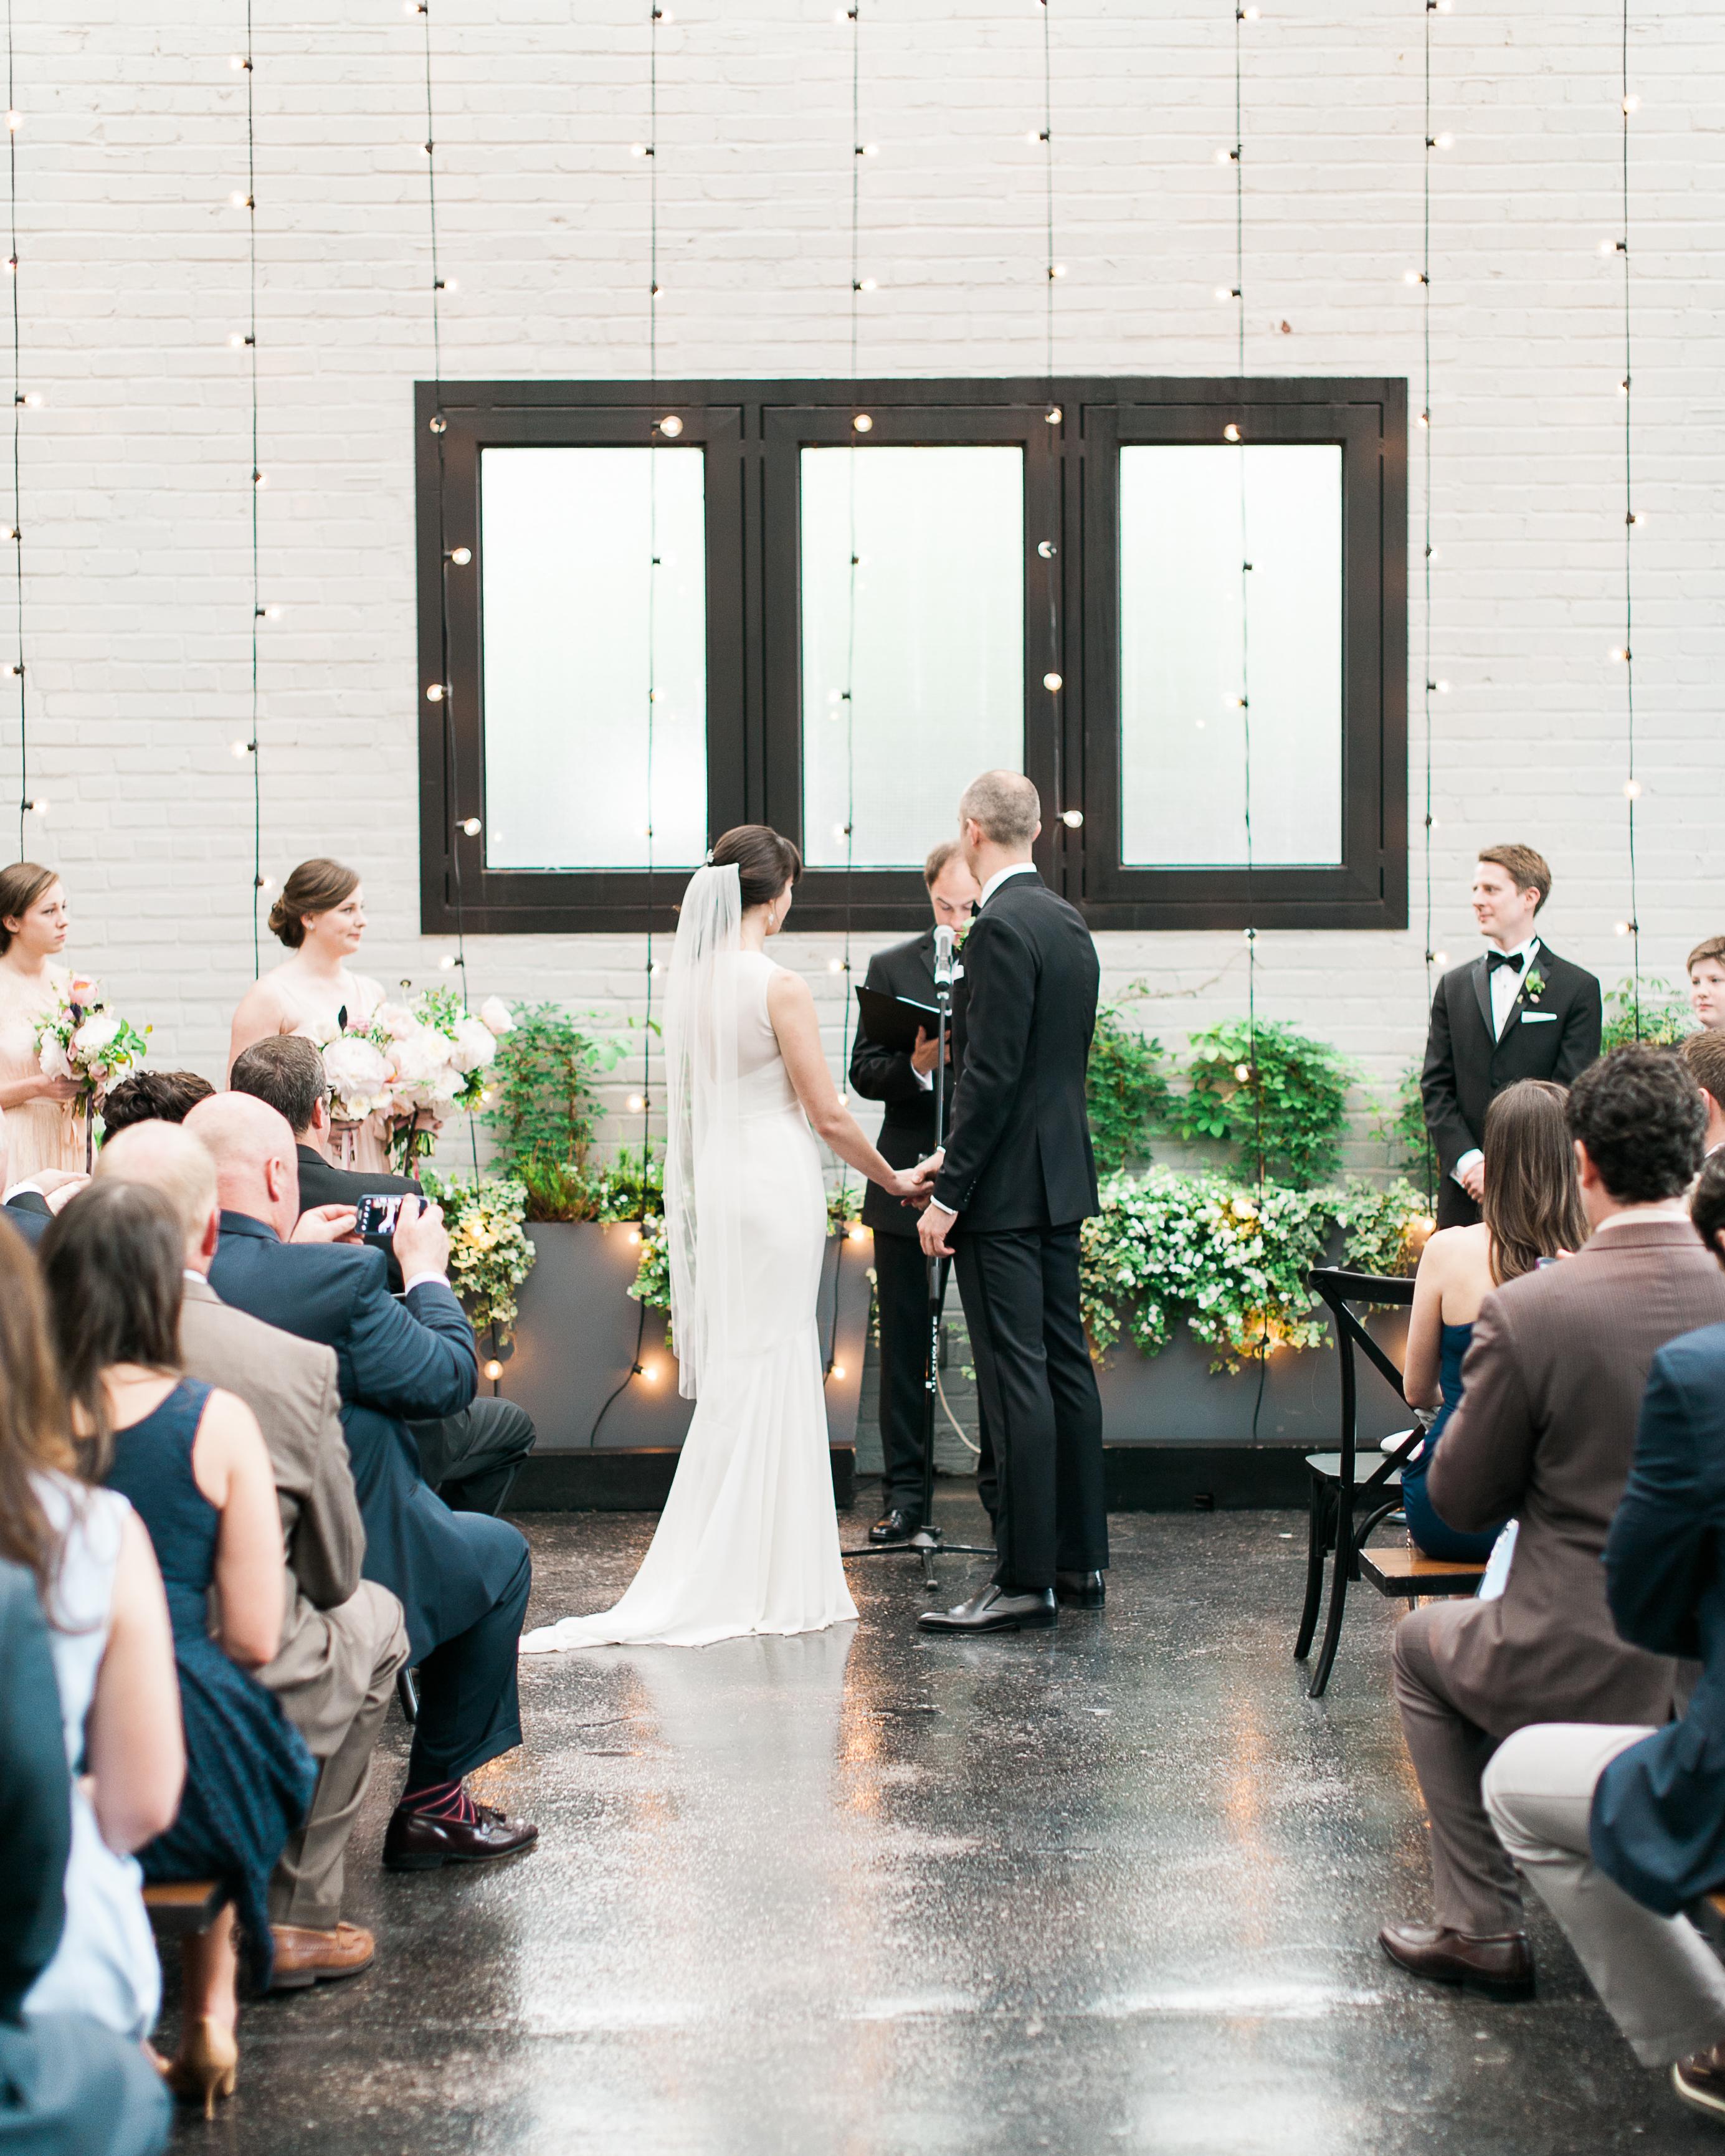 ashley-jonathon-wedding-ceremony-71-s111483-0914.jpg